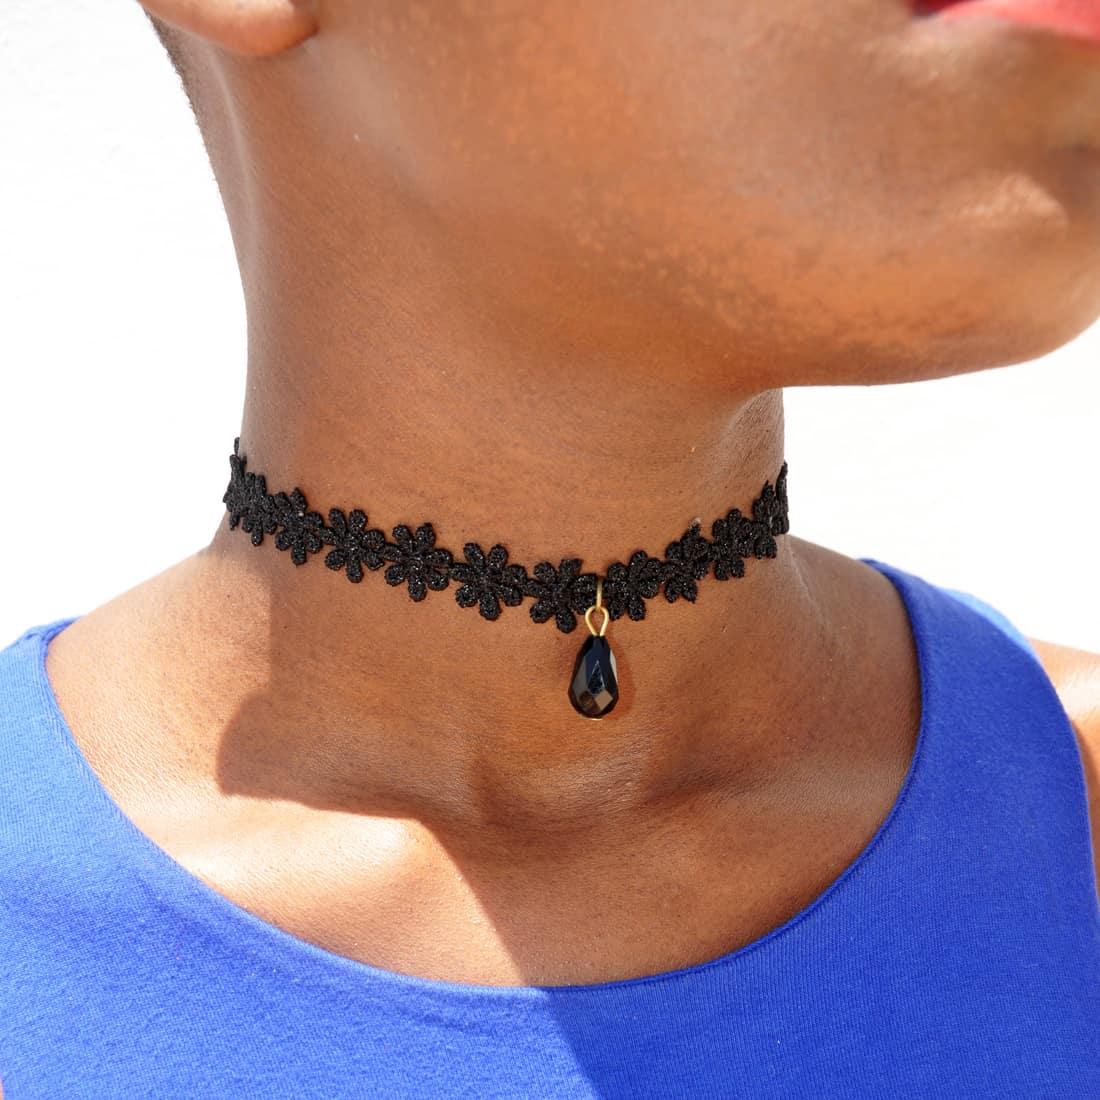 M0344 black10 Necklaces Chokers Jewelry Sets maureens.com boutique